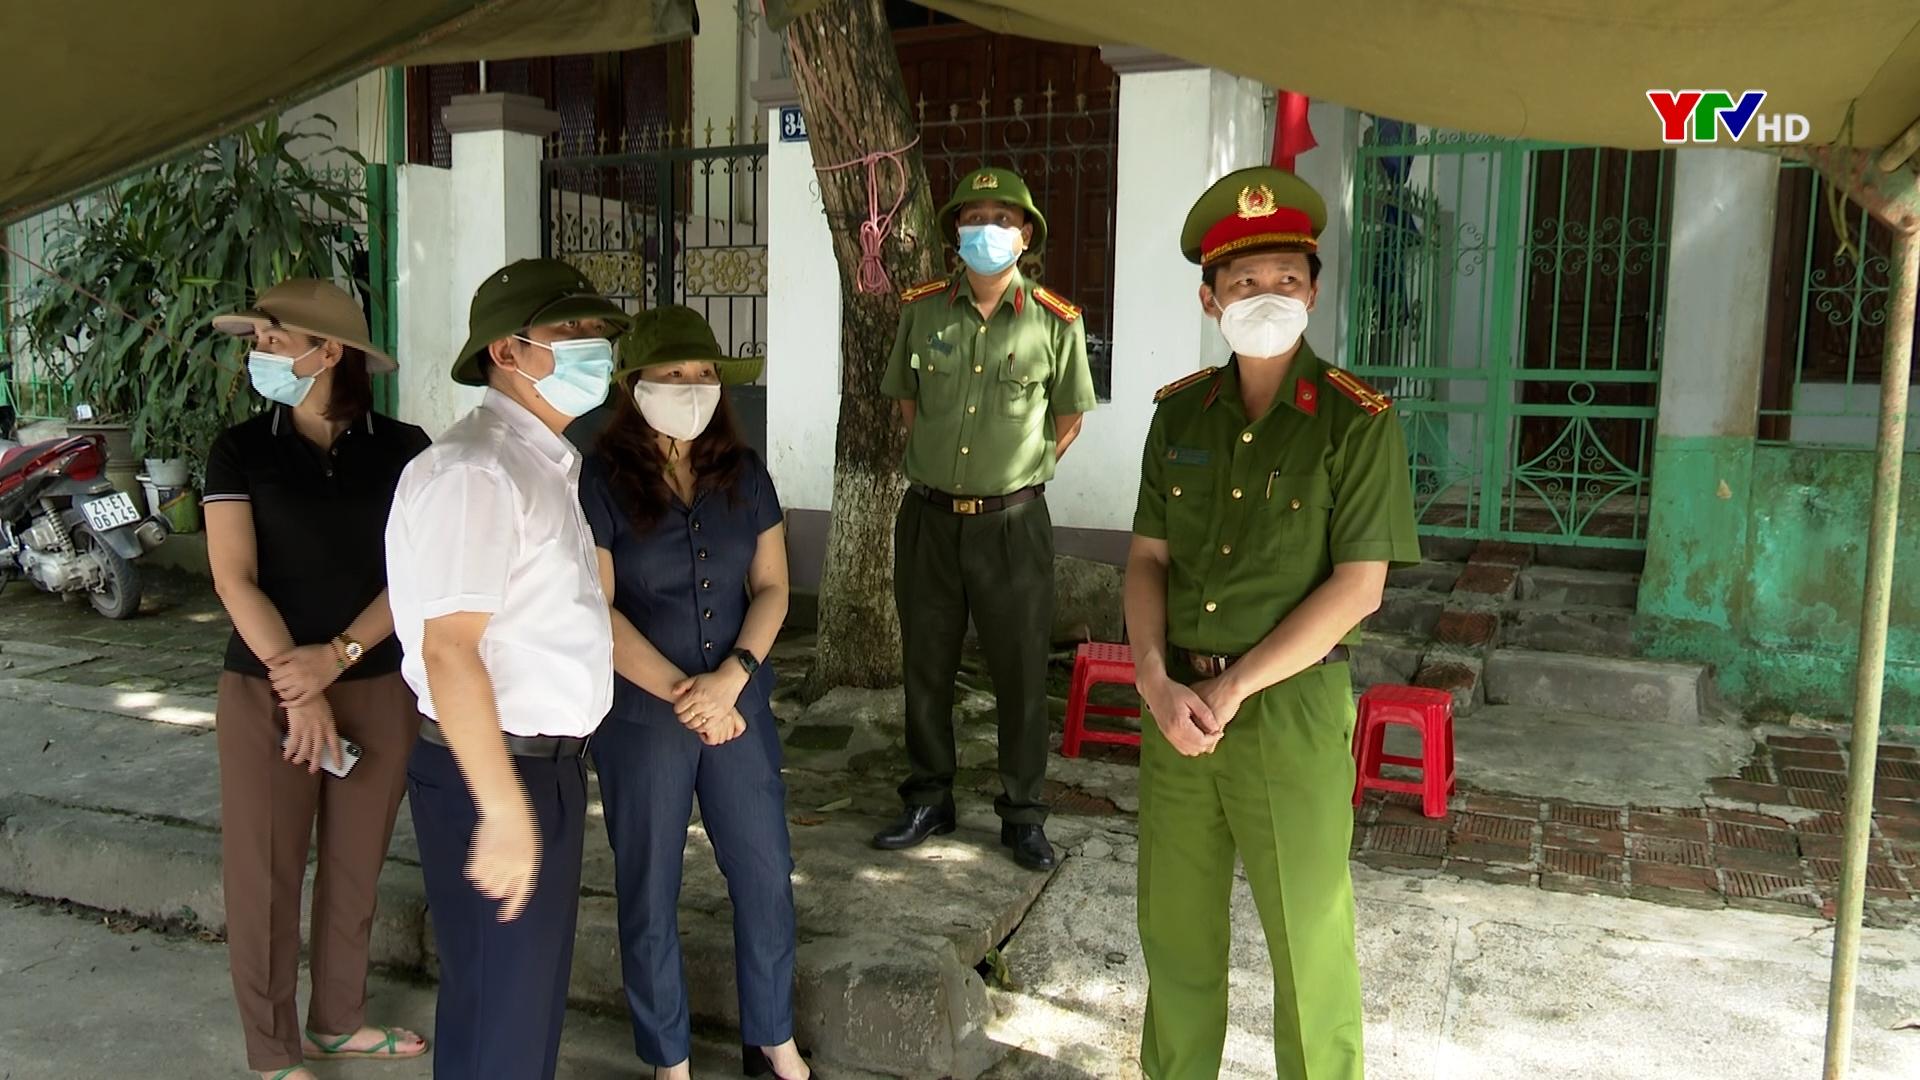 Đồng chí Phó Chủ tịch UBND tỉnh Vũ Thị Hiền Hạnh kiểm tra công tác phòng chống dịch tại khu vực tạm thời phong tỏa phường Hồng Hà, TP Yên Bái